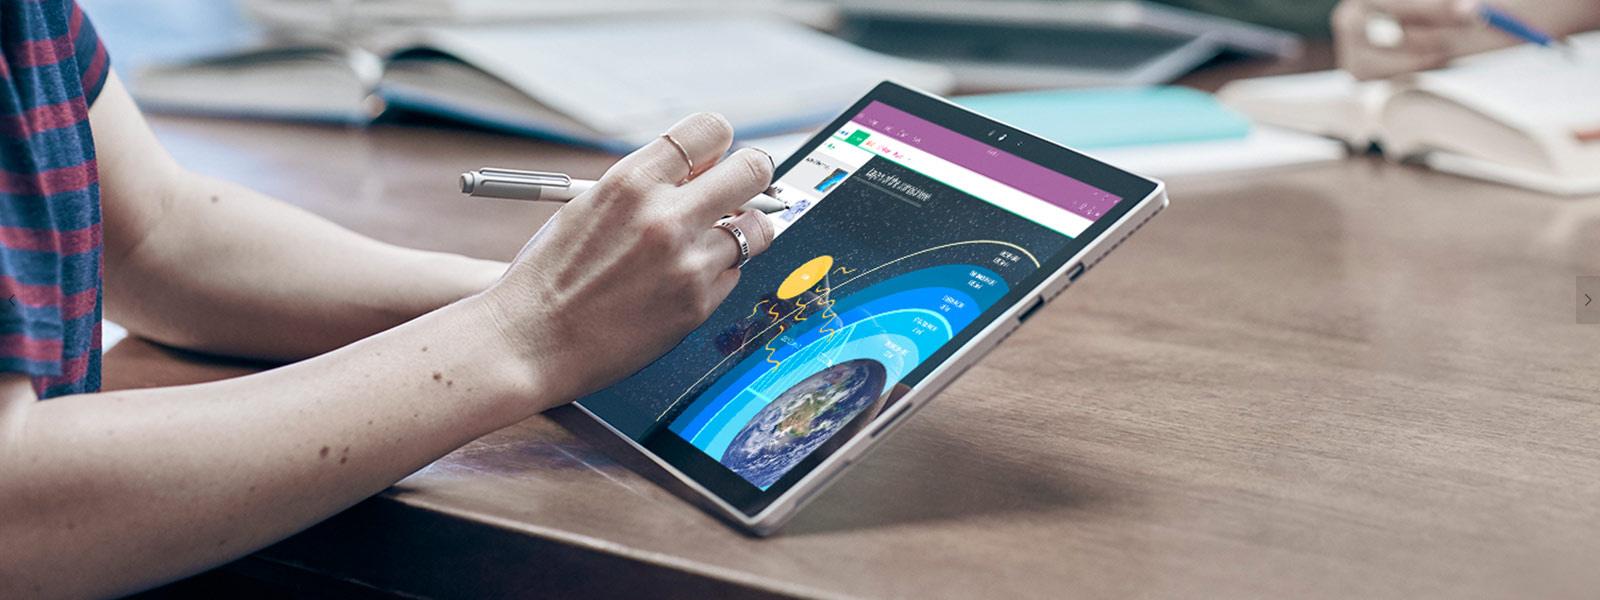 有個人在處於平板電腦模式的 Surface 手提電腦上使用 Surface 手寫筆。